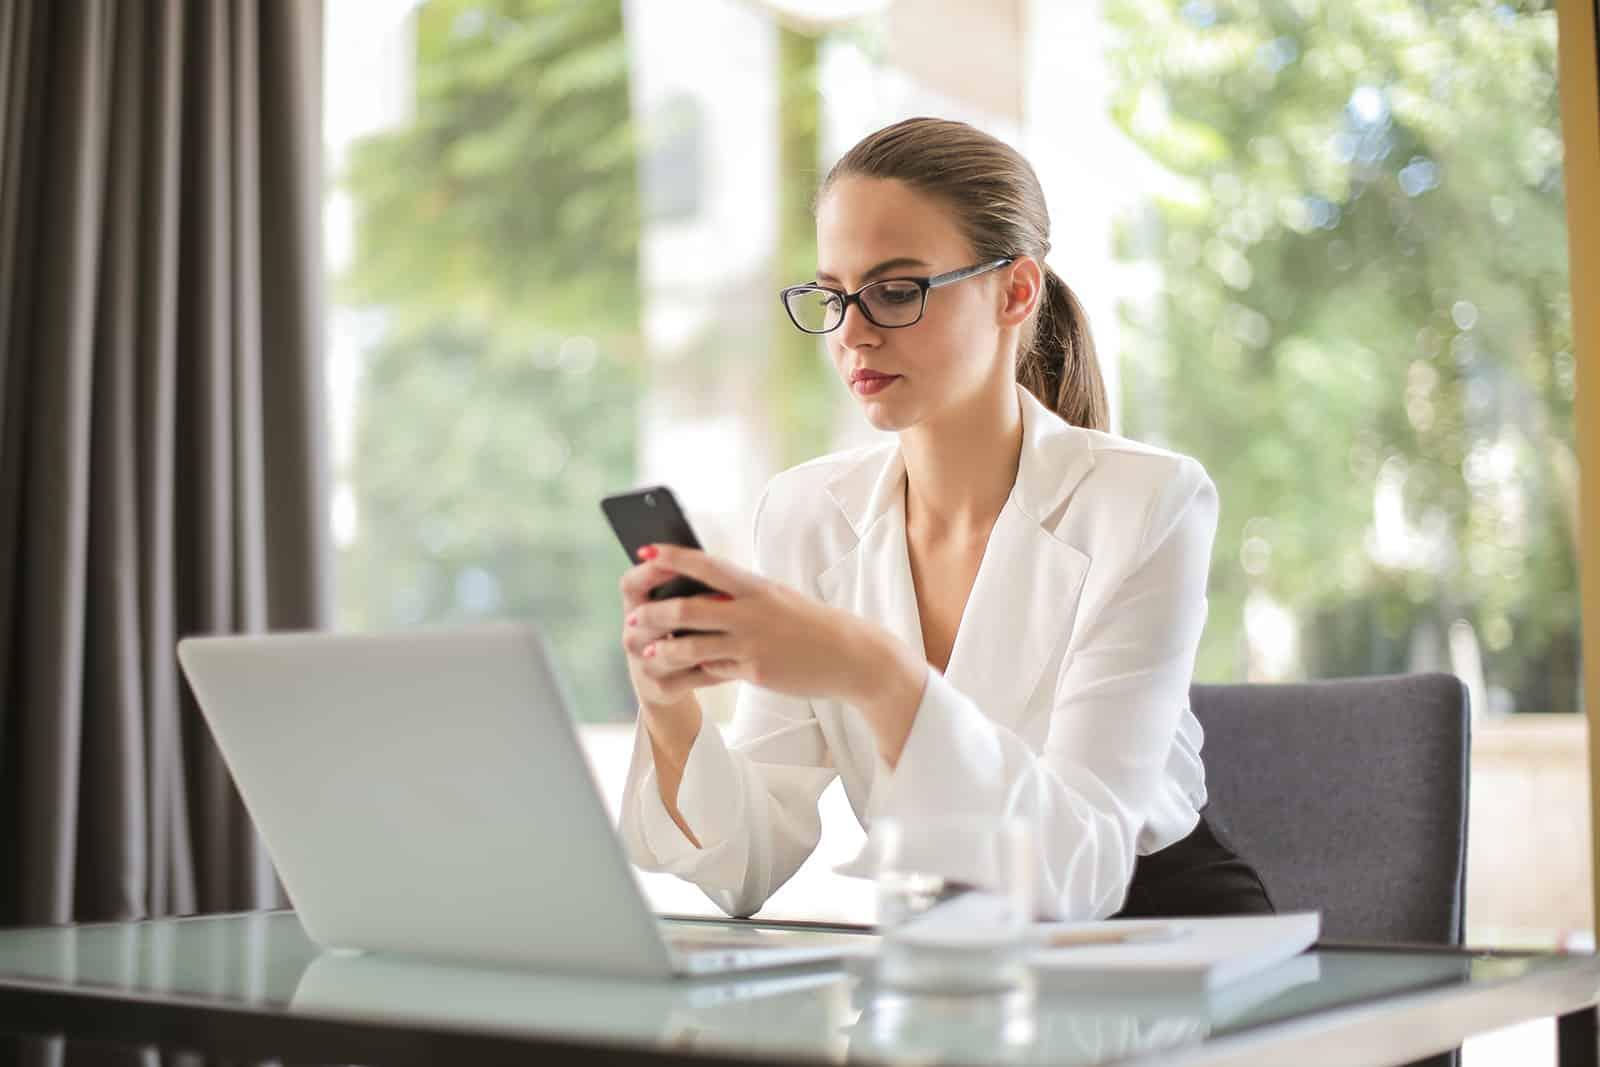 Geschäftsfrau mit ihrem Smartphone im Büro sitzen